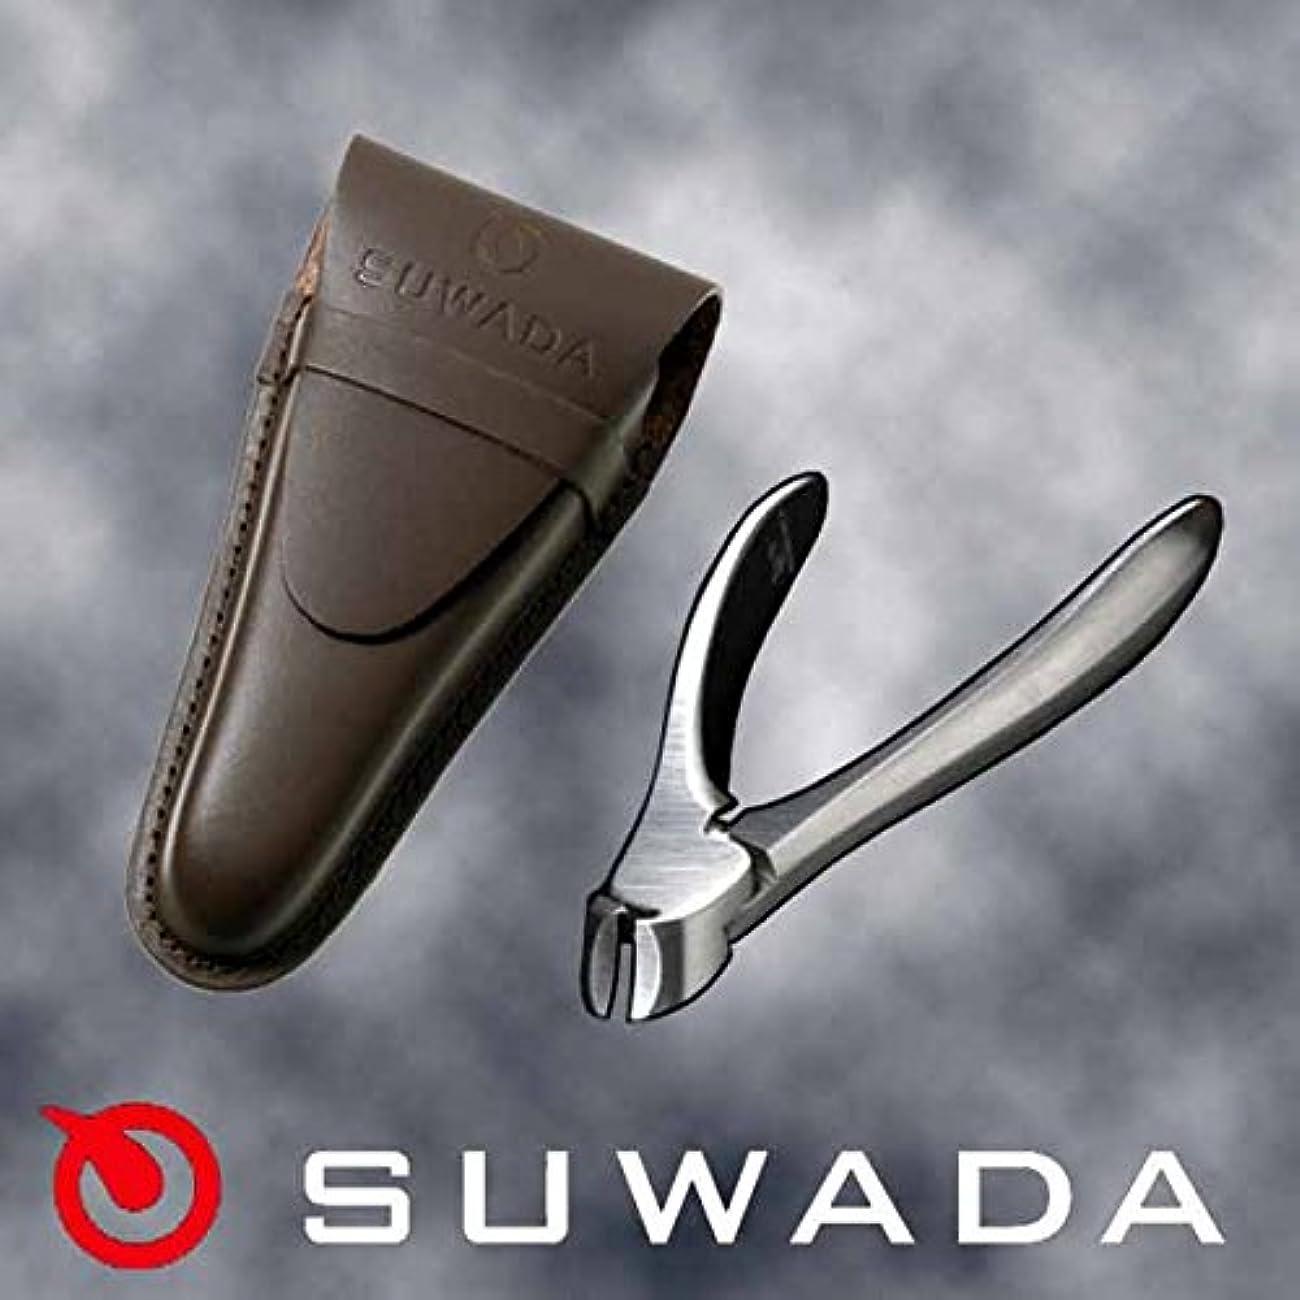 グレード人気性的SUWADA爪切りクラシックベビー&ブラウン(茶)革ケースセット 特注モデル 諏訪田製作所製 スワダの爪切り